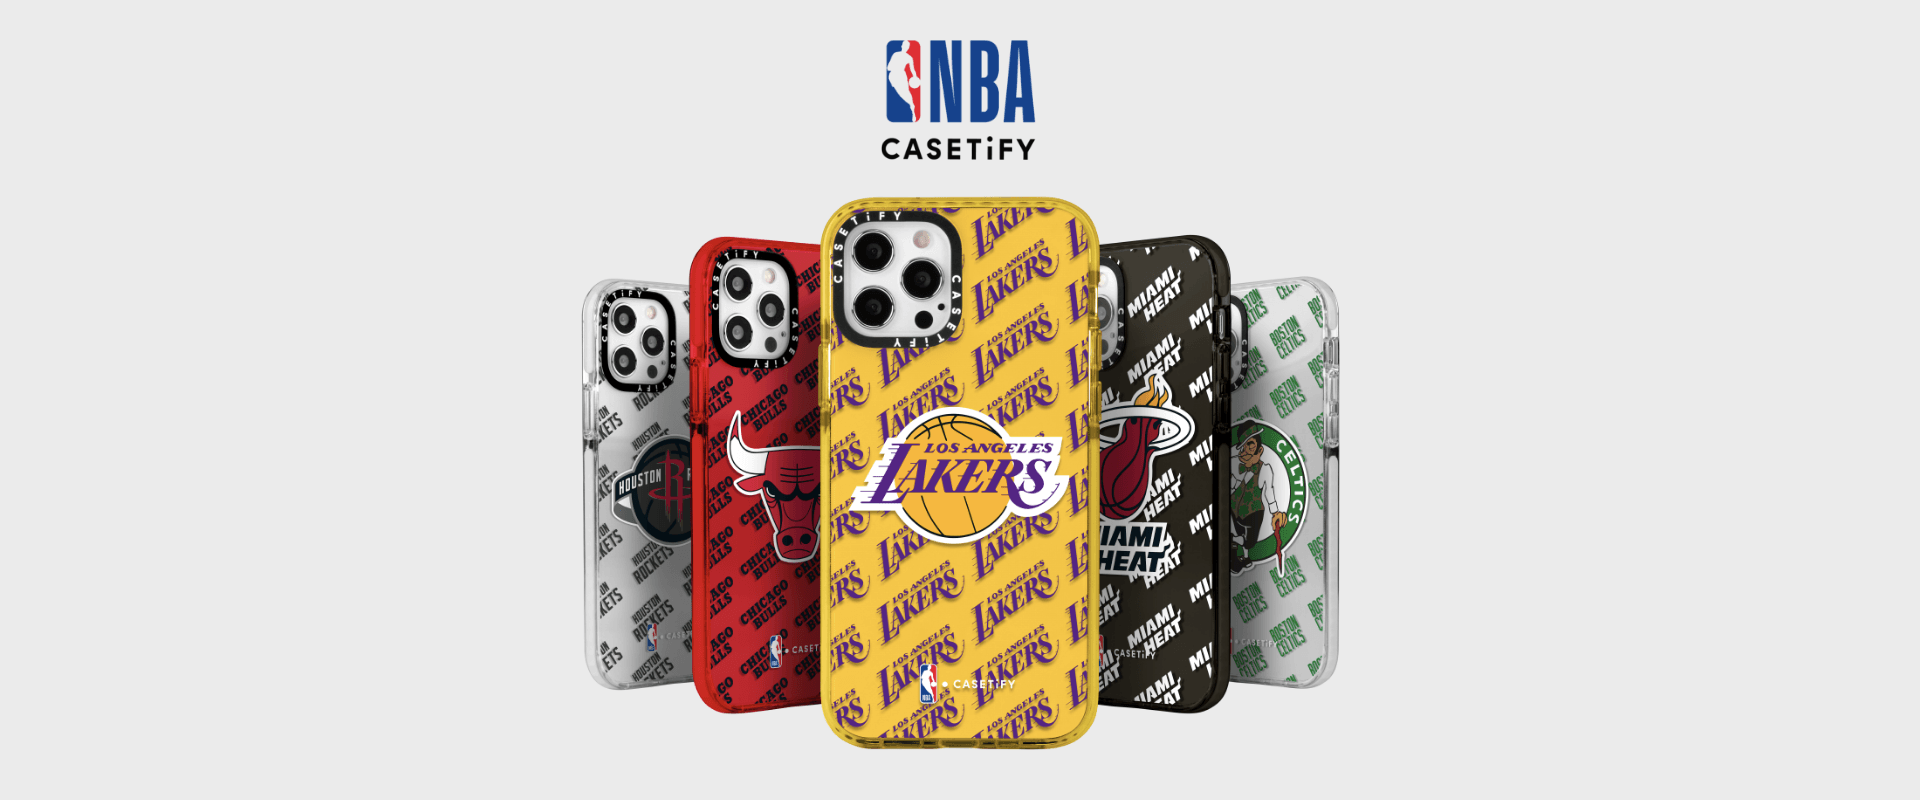 4月30日 発売予定 NBA x CASETiFY チーム エディション